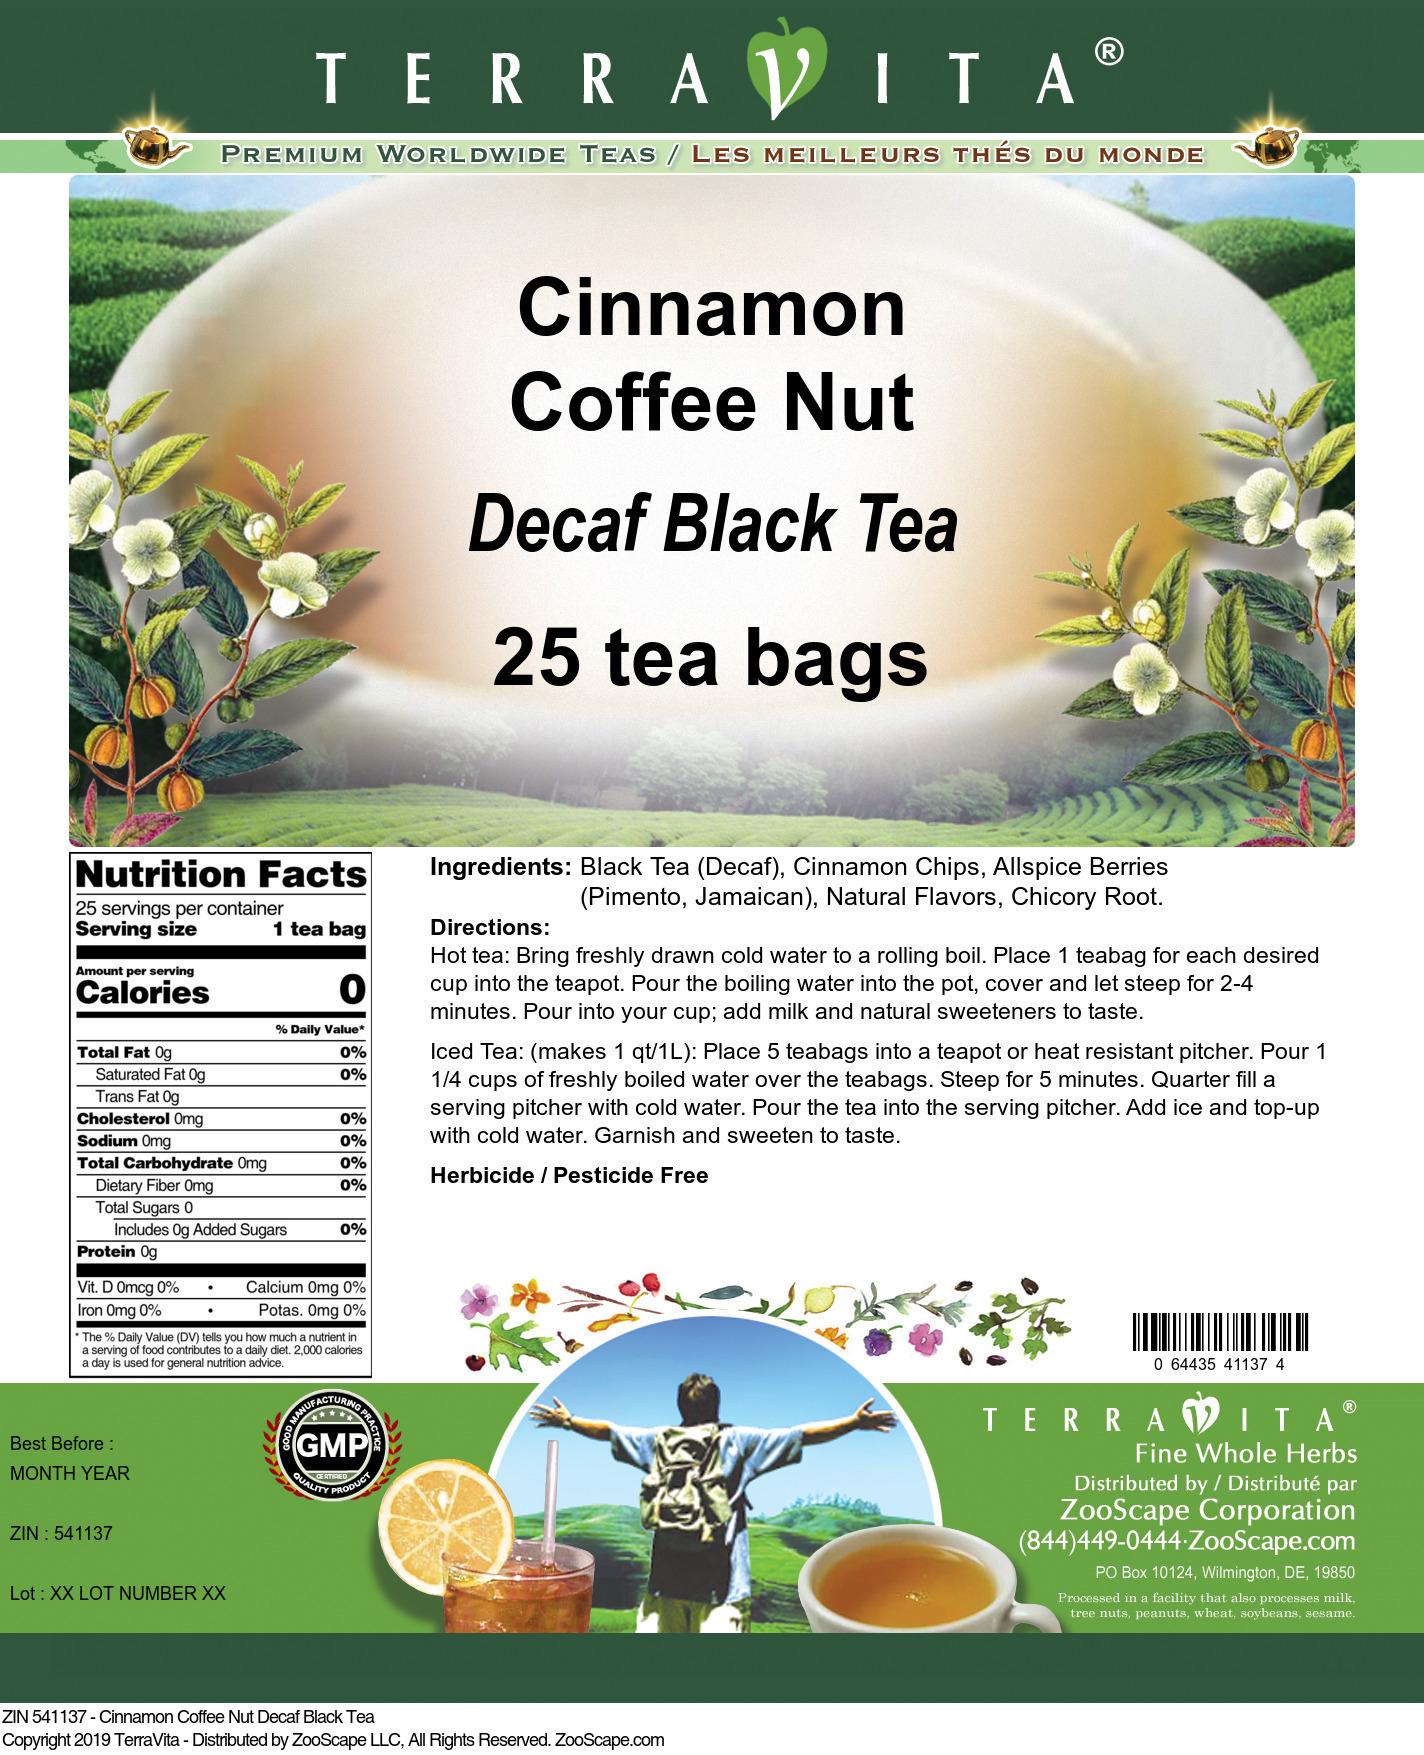 Cinnamon Coffee Nut Decaf Black Tea